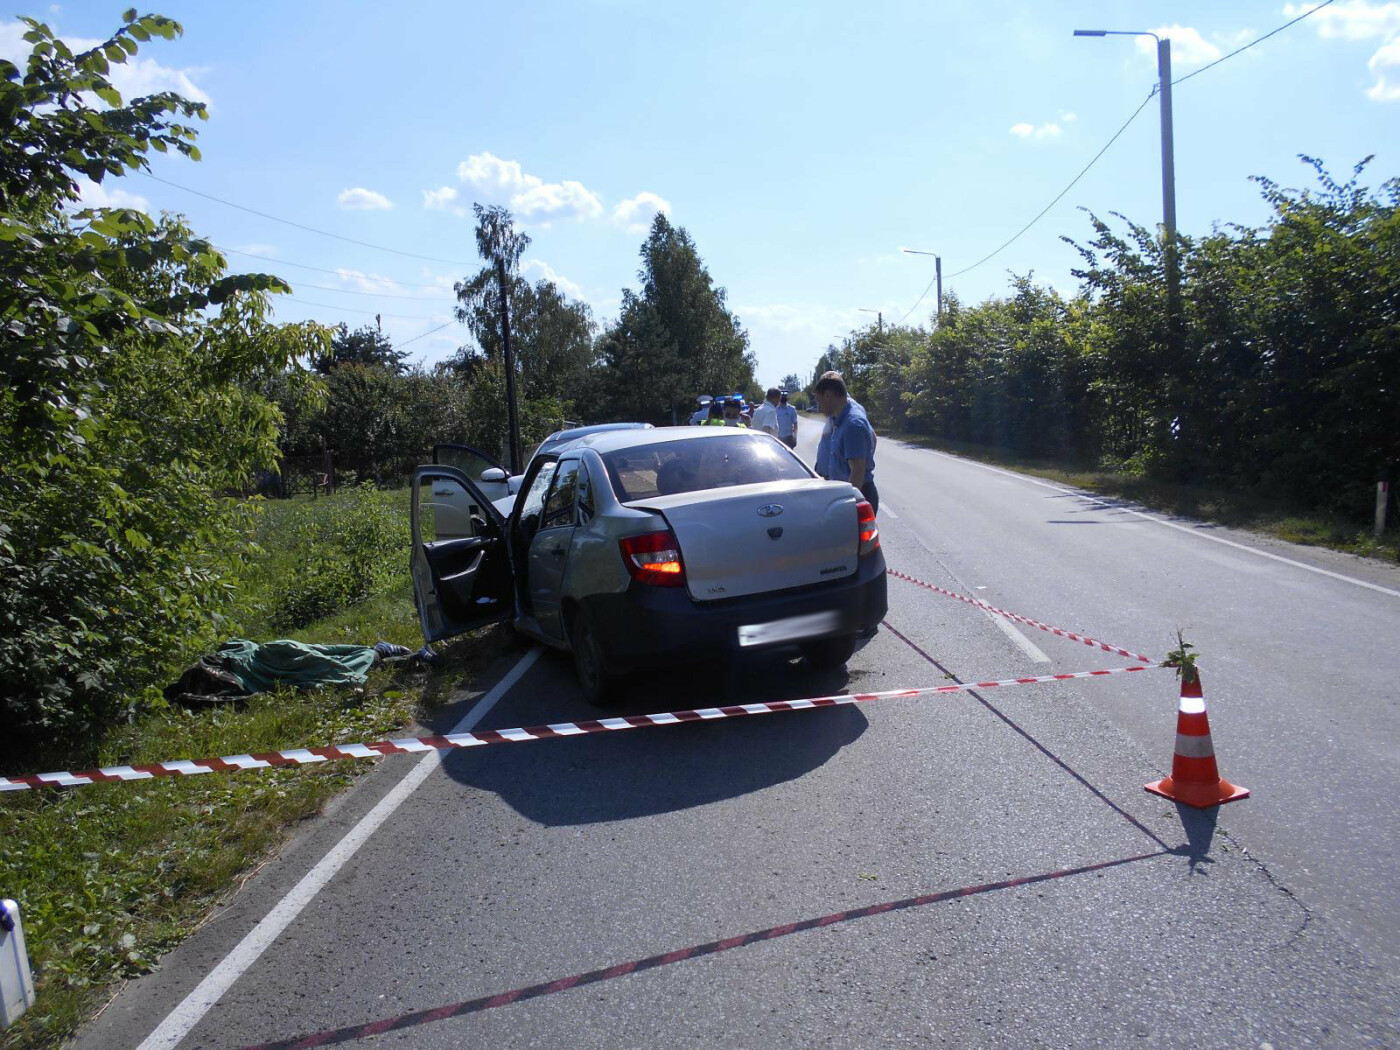 В Тамбовском районе столкнулись две легковушки: два человека погибли, фото-3